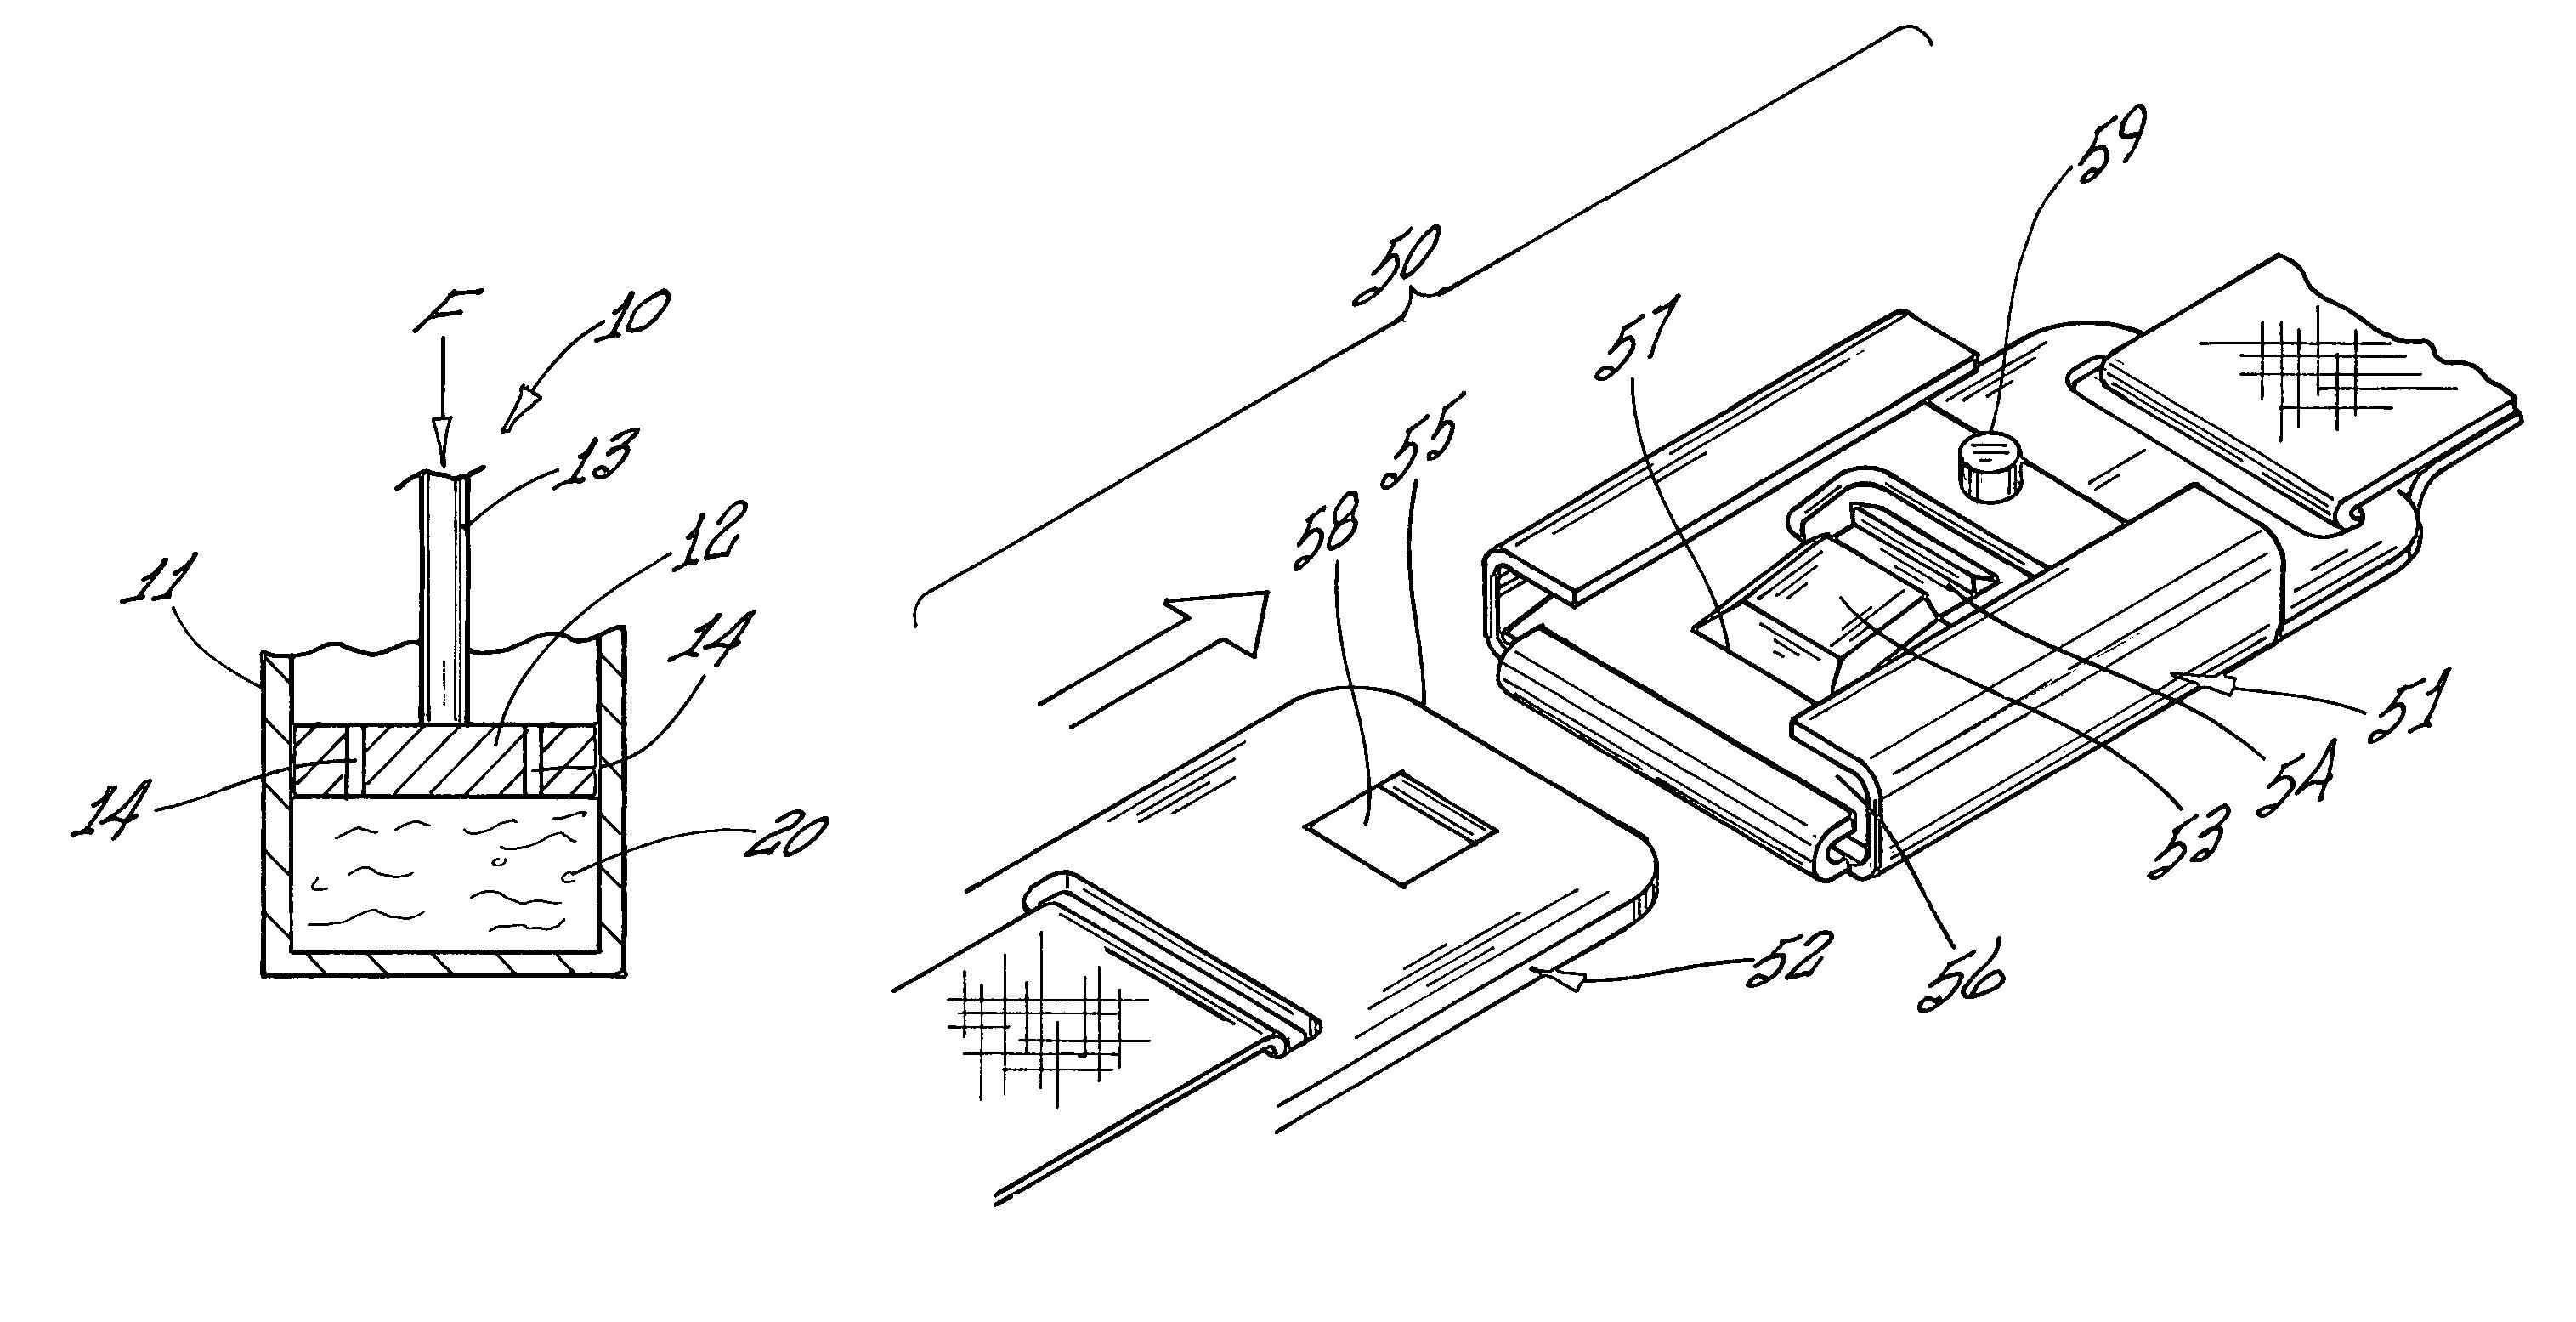 99 Vw Cabrio Fuse Box. Diagrams. Auto Fuse Box Diagram